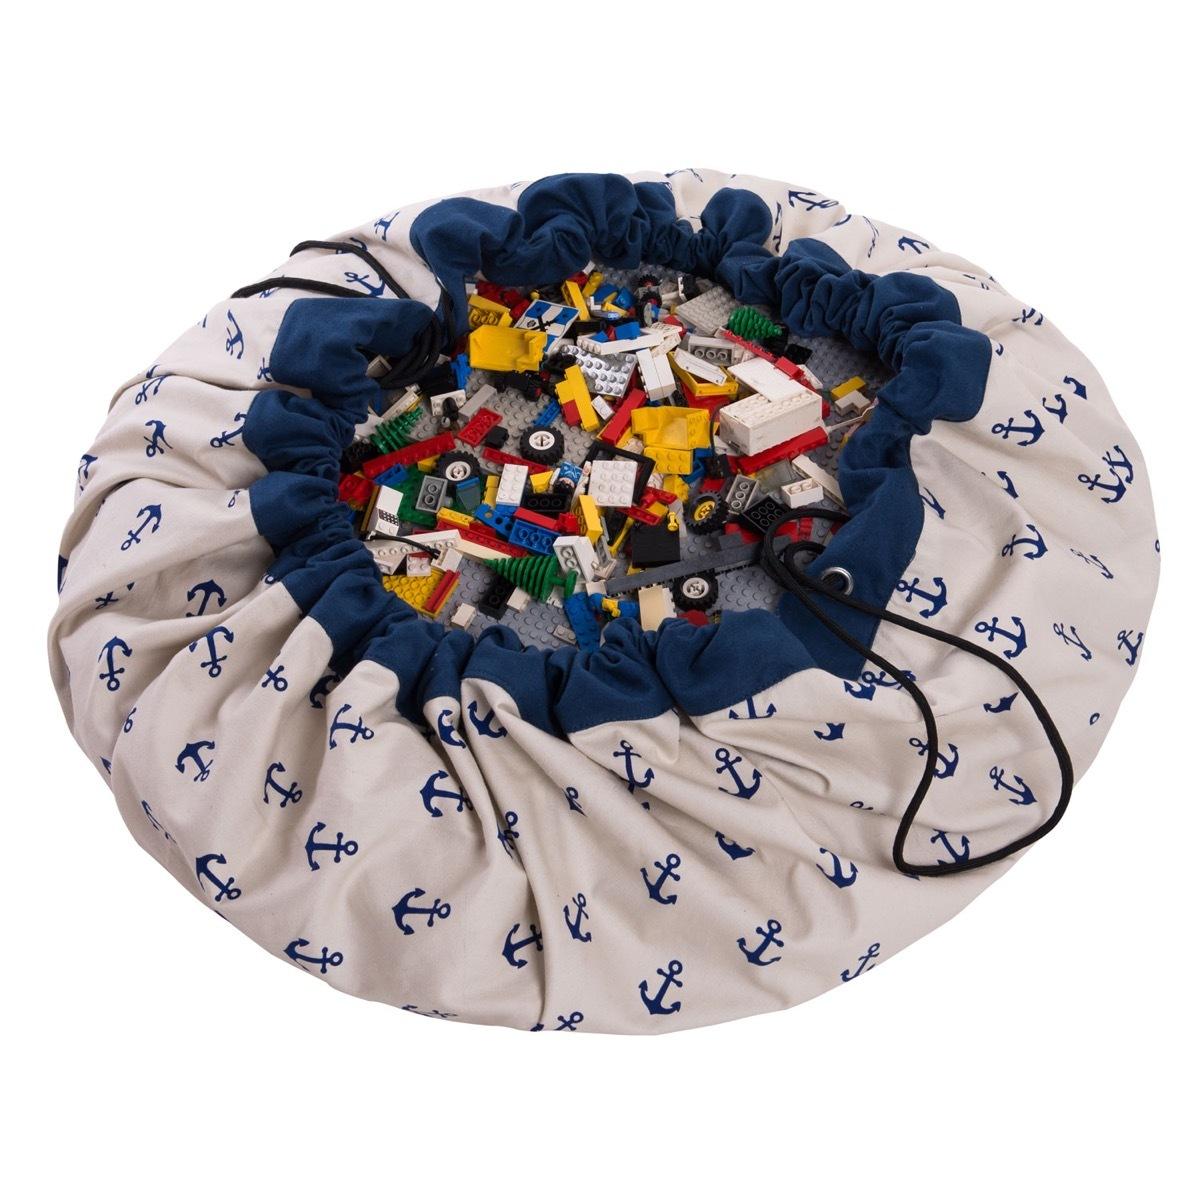 Коврик-мешок для игрушек Play&Go. Коллекция Print. Якоря